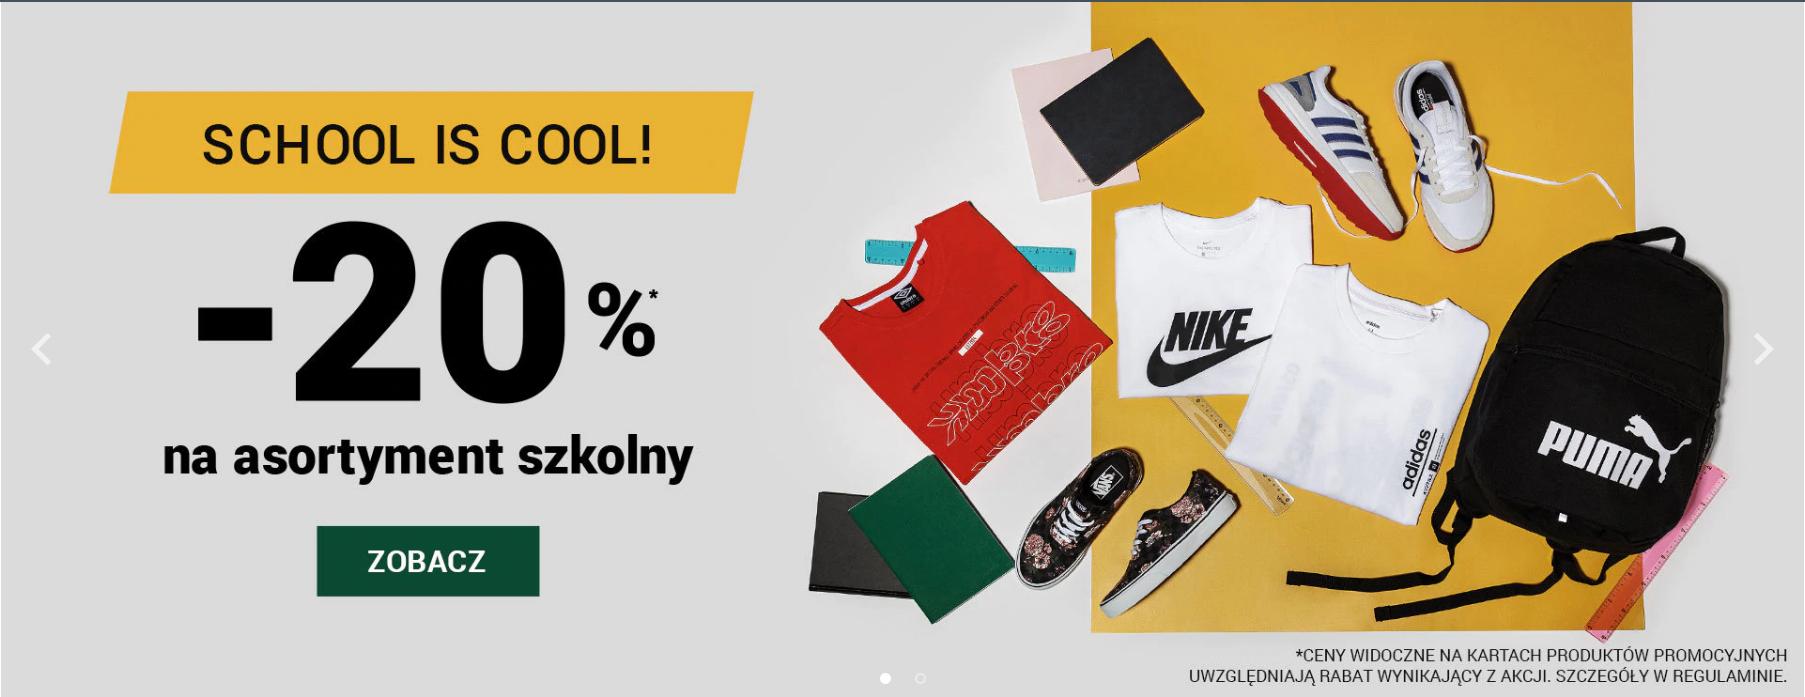 ButySportowe.pl: 20% zniżki na asortyment szkolny                         title=